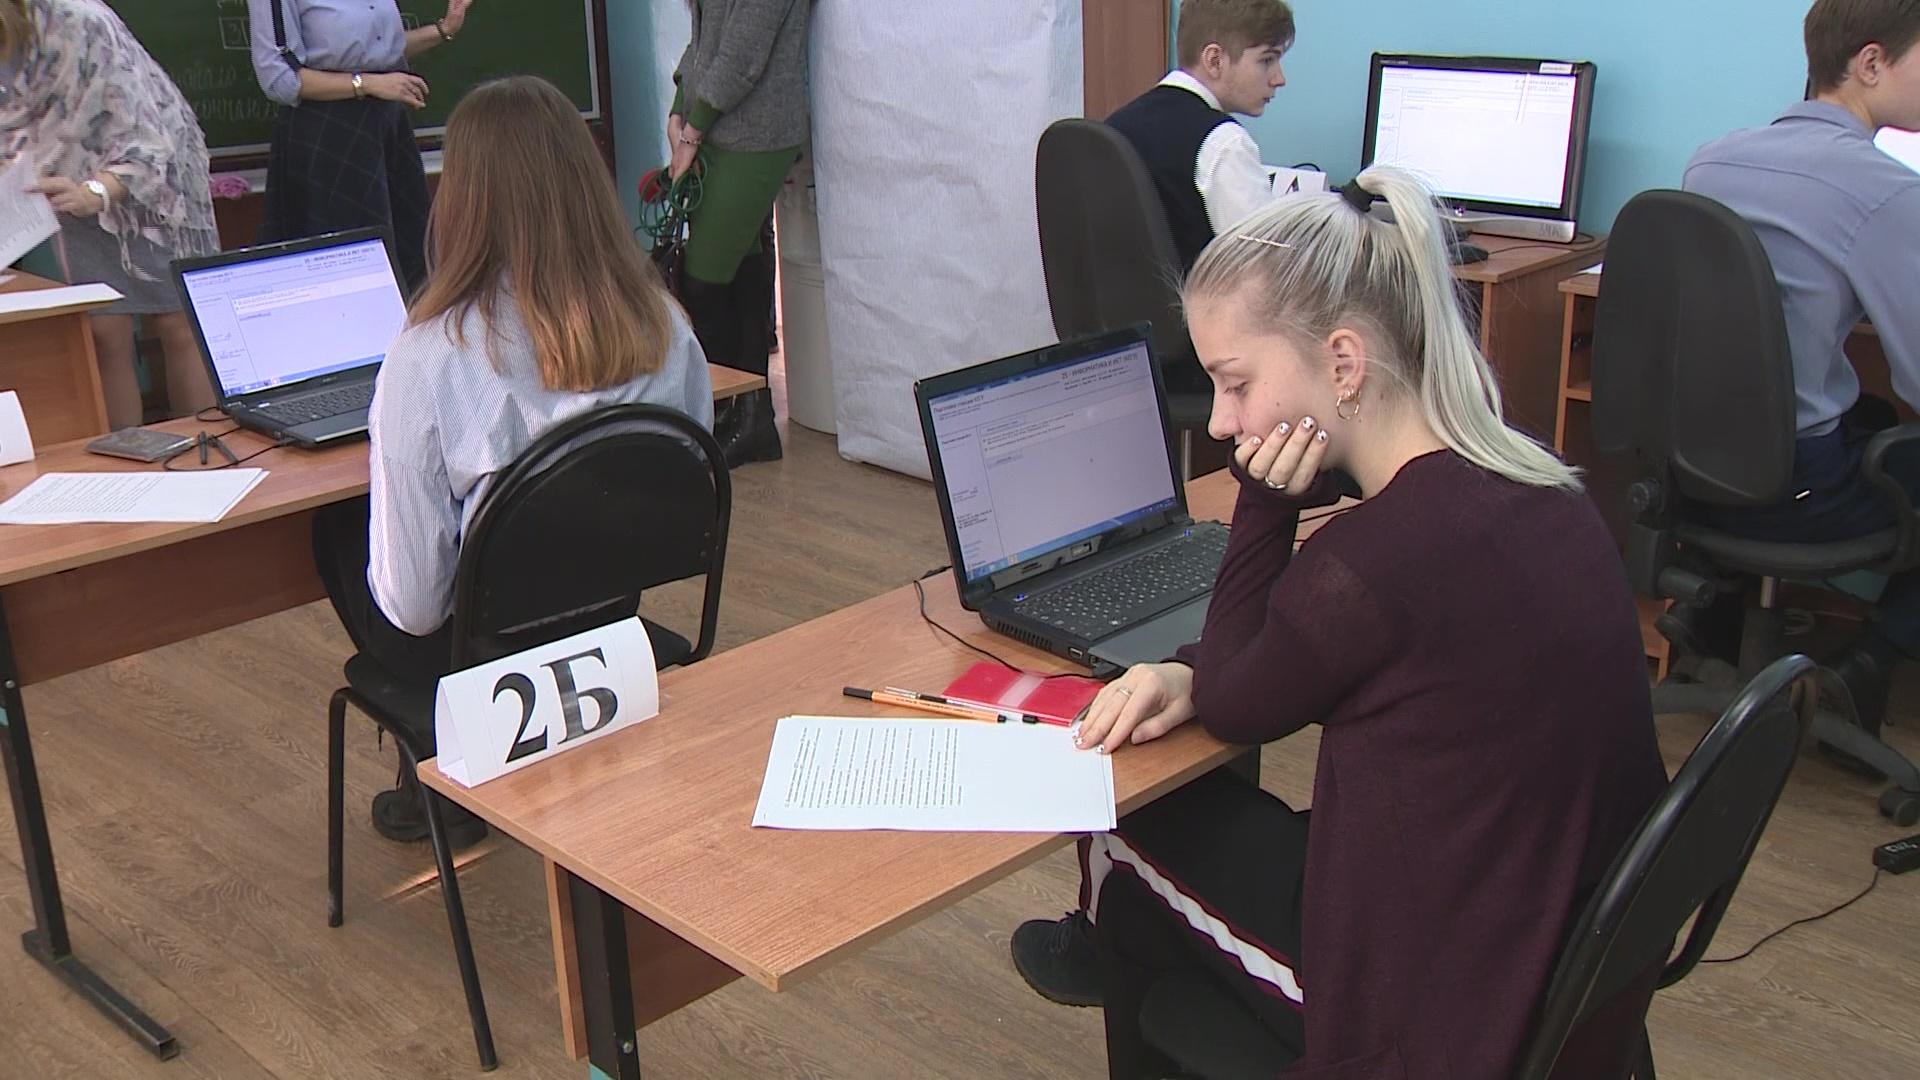 ЕГЭ по информатике на компьютере: в Ярославской области апробируют новую систему